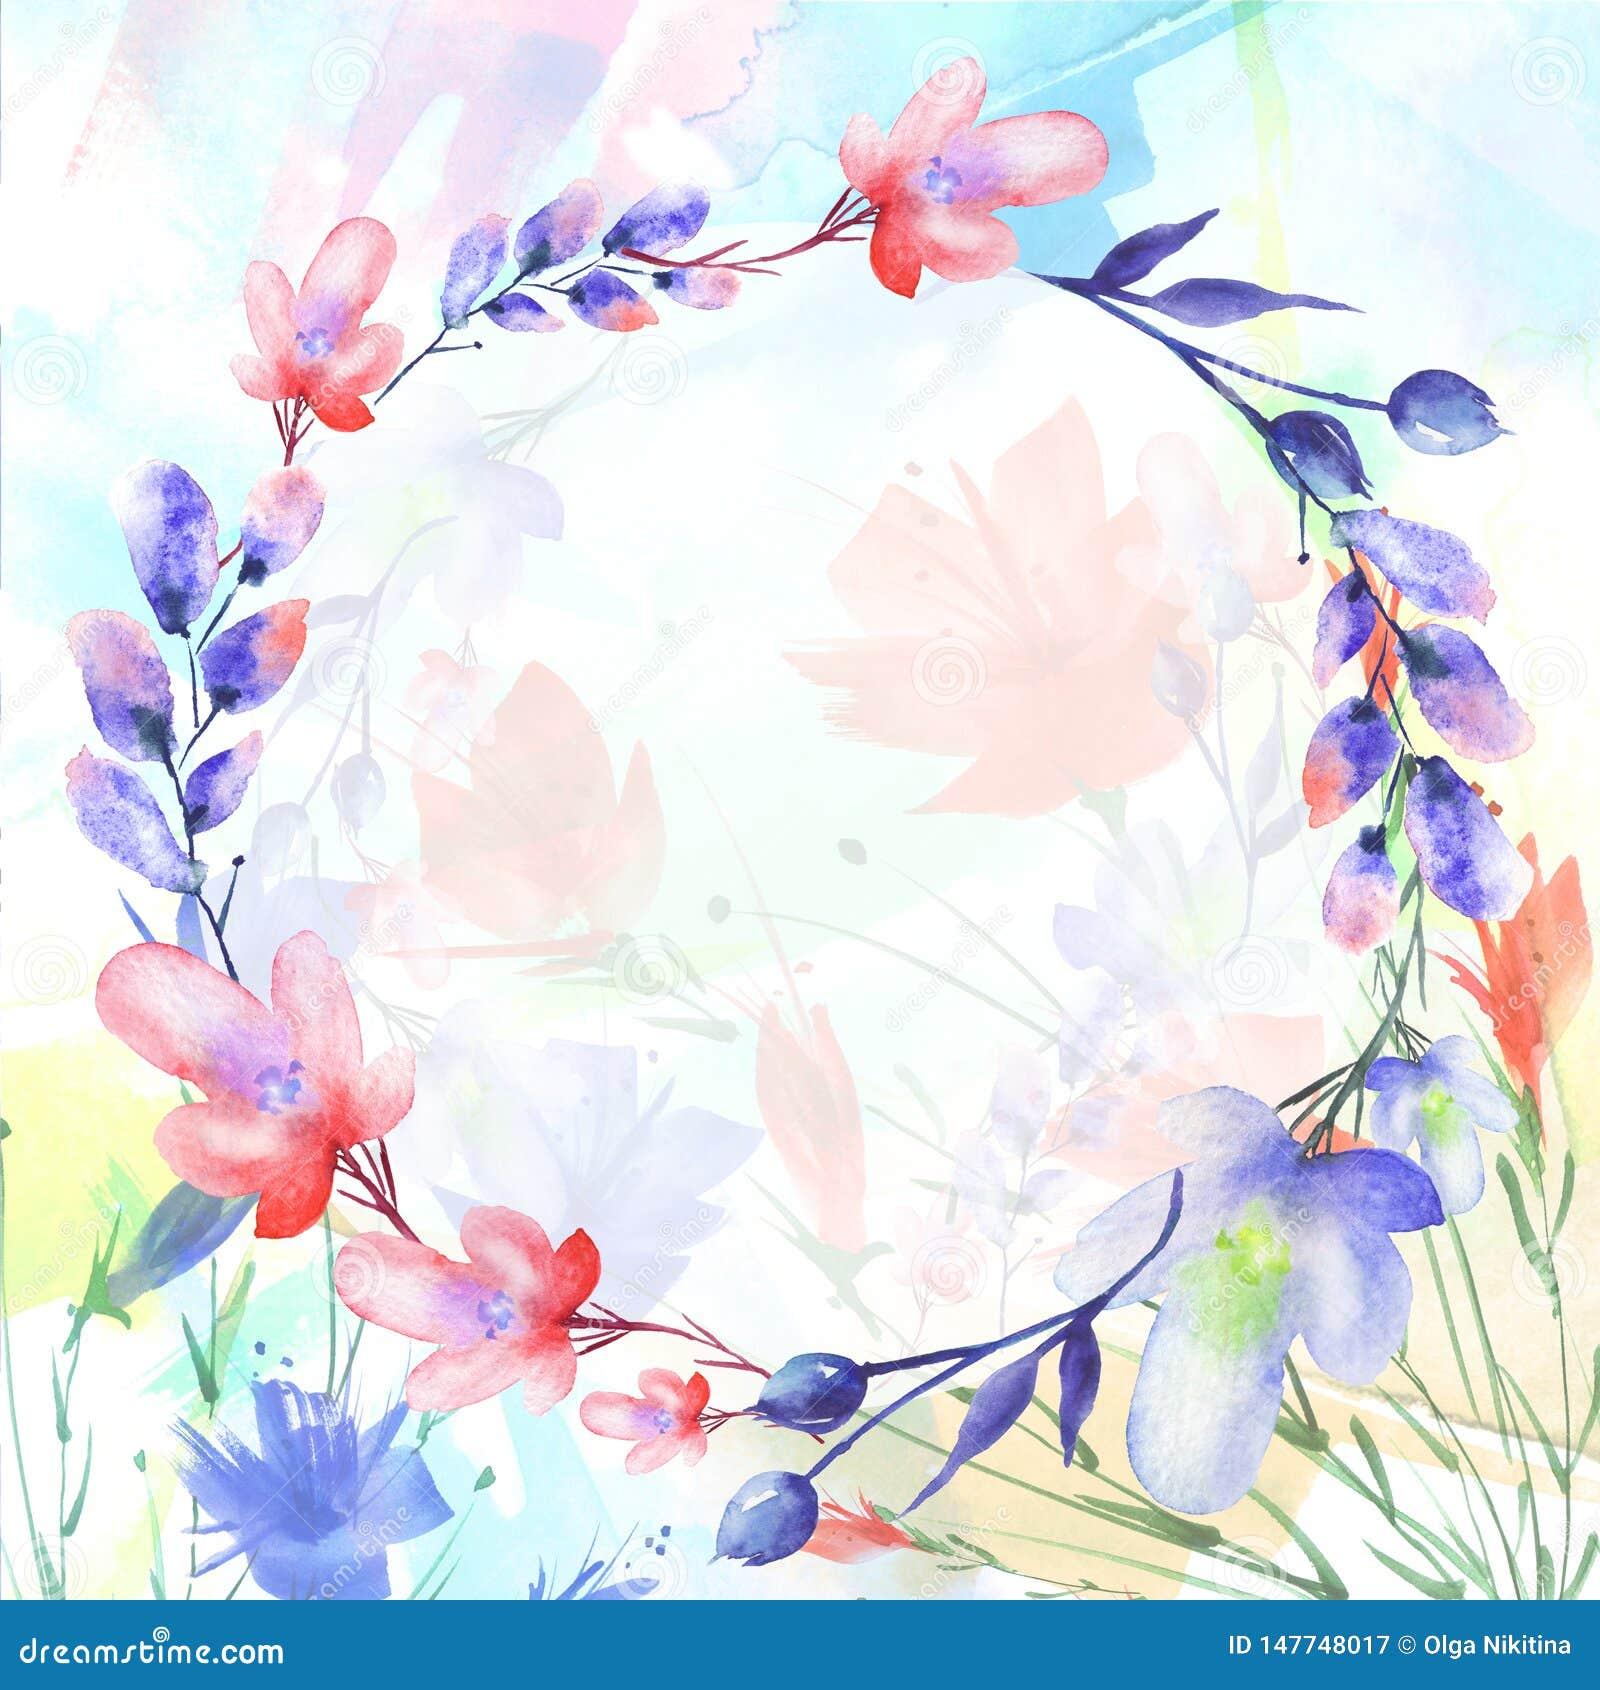 Waterverfboeket van bloemen, Mooie abstracte plons van verf, wilg, papaver, kamille